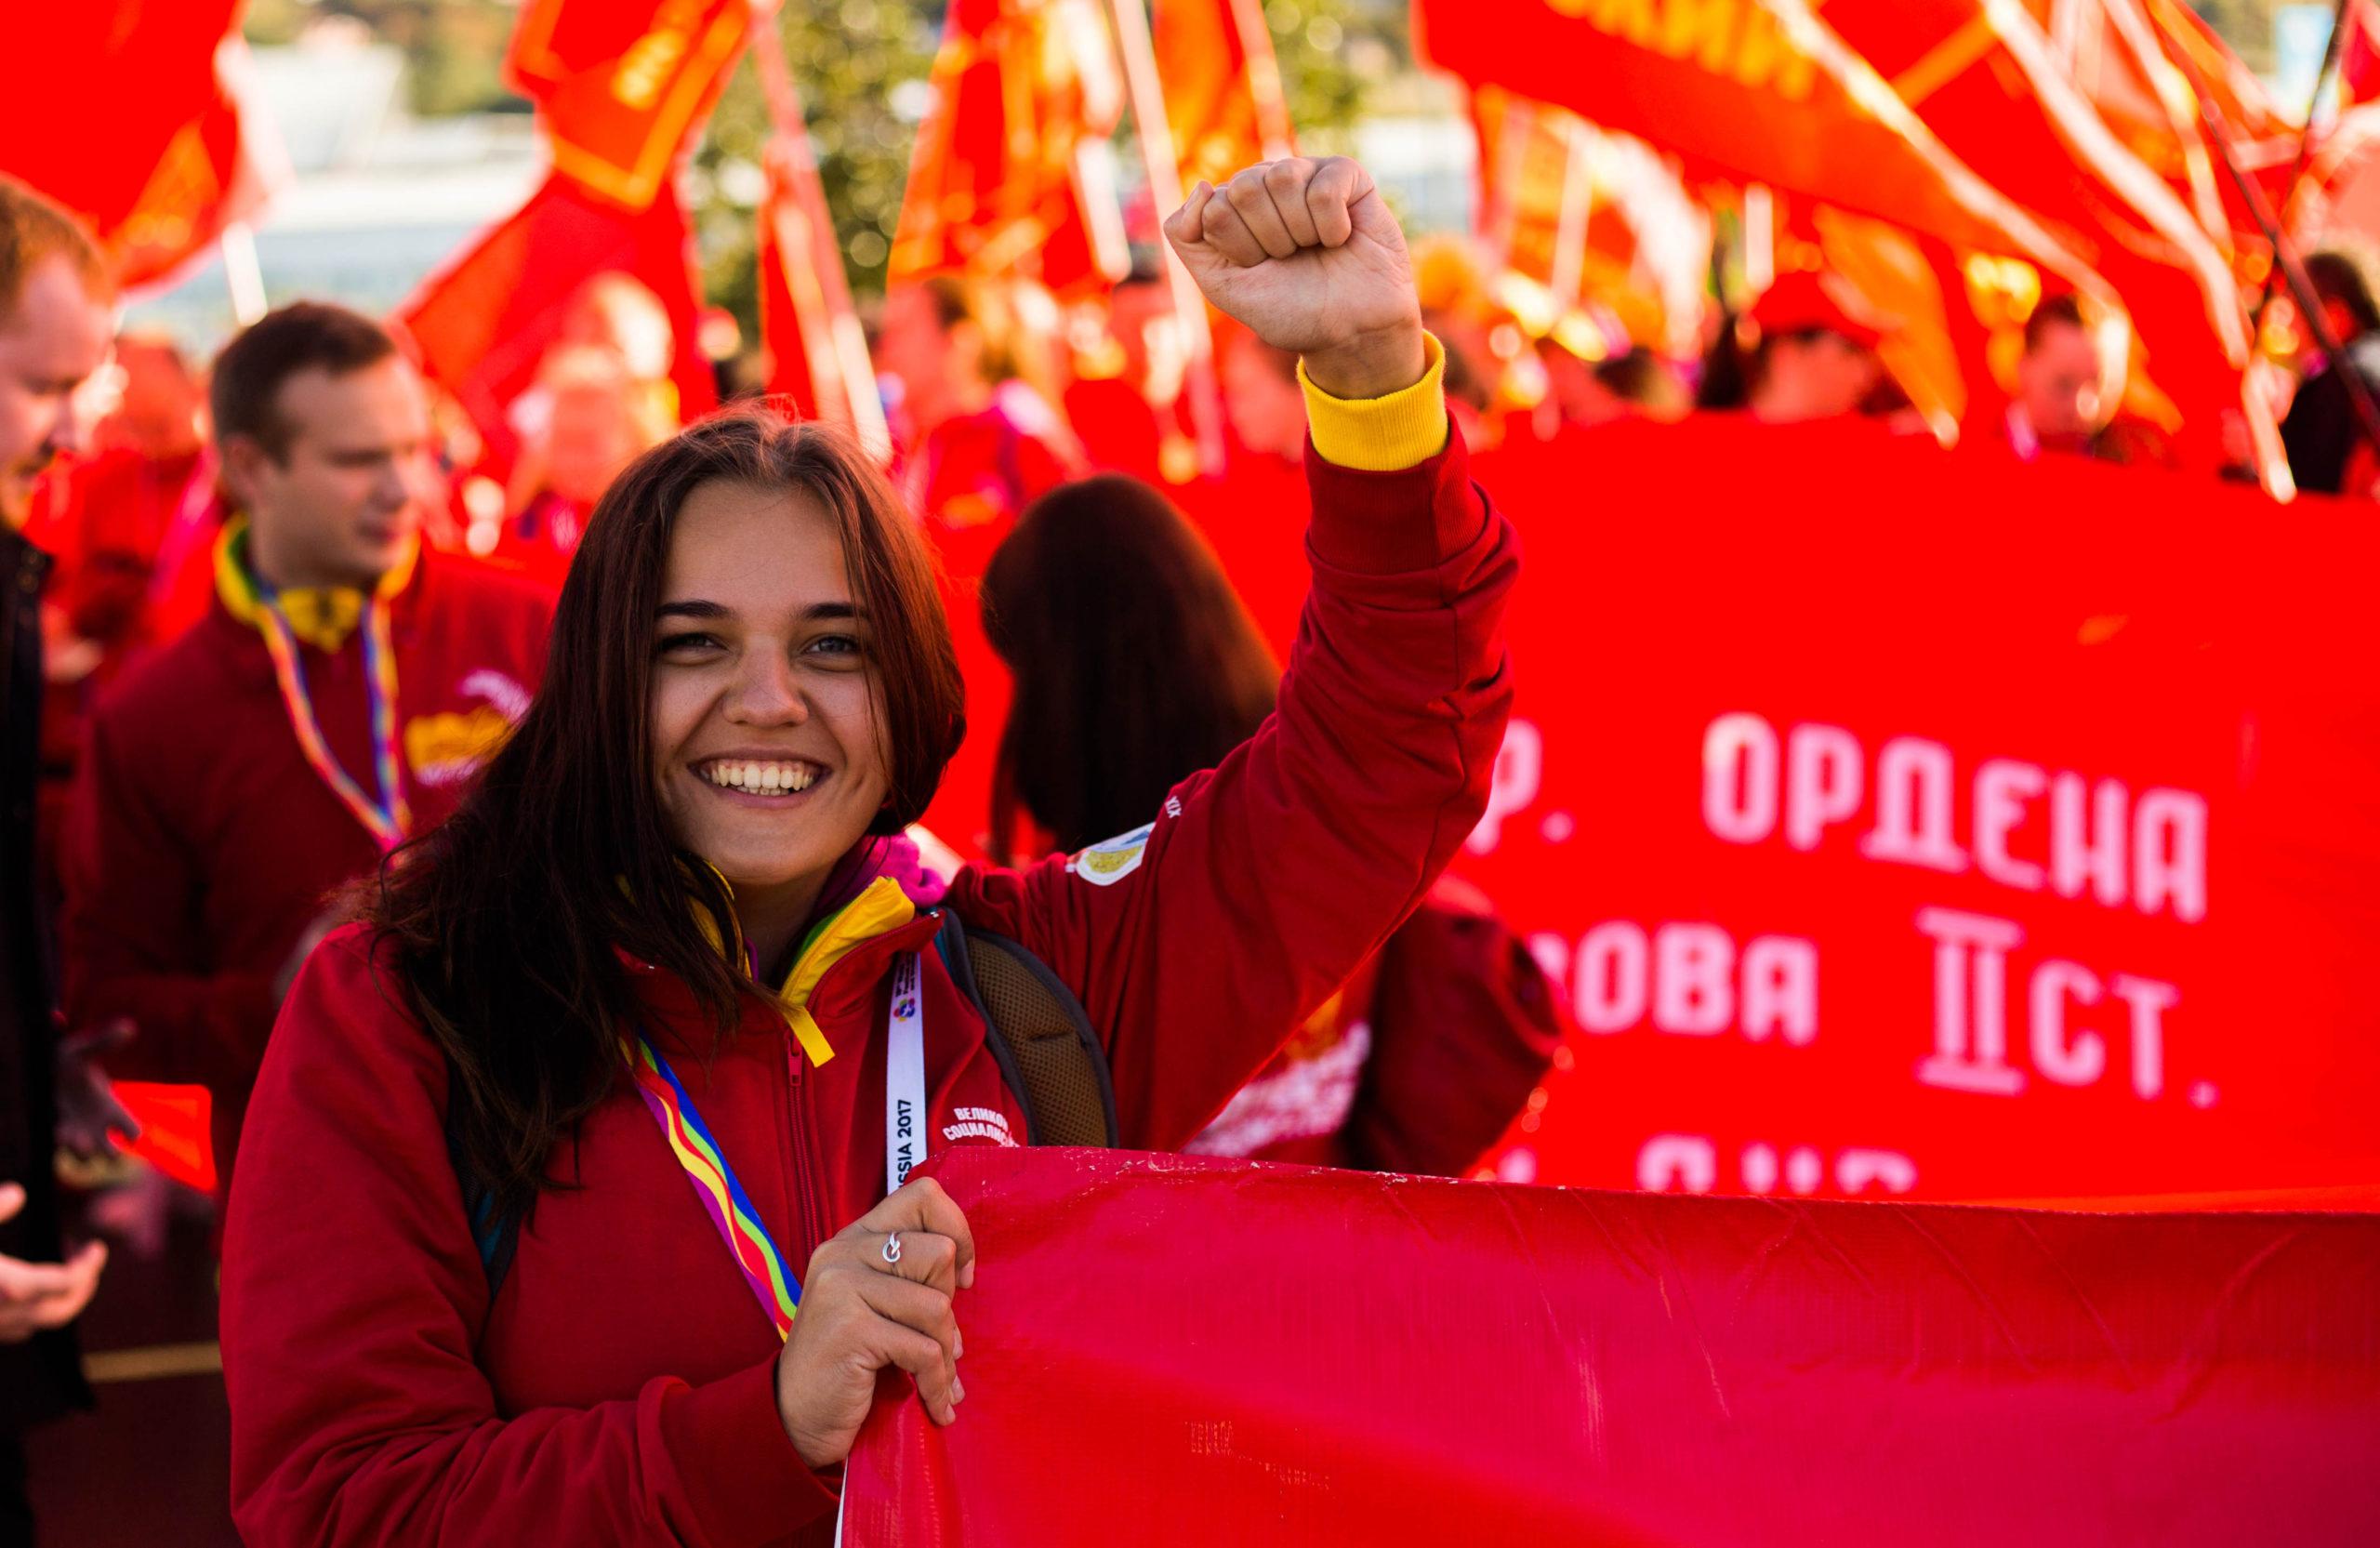 27 июня мы приглашаем всю оппозиционно настроенную молодежь на наш митинг